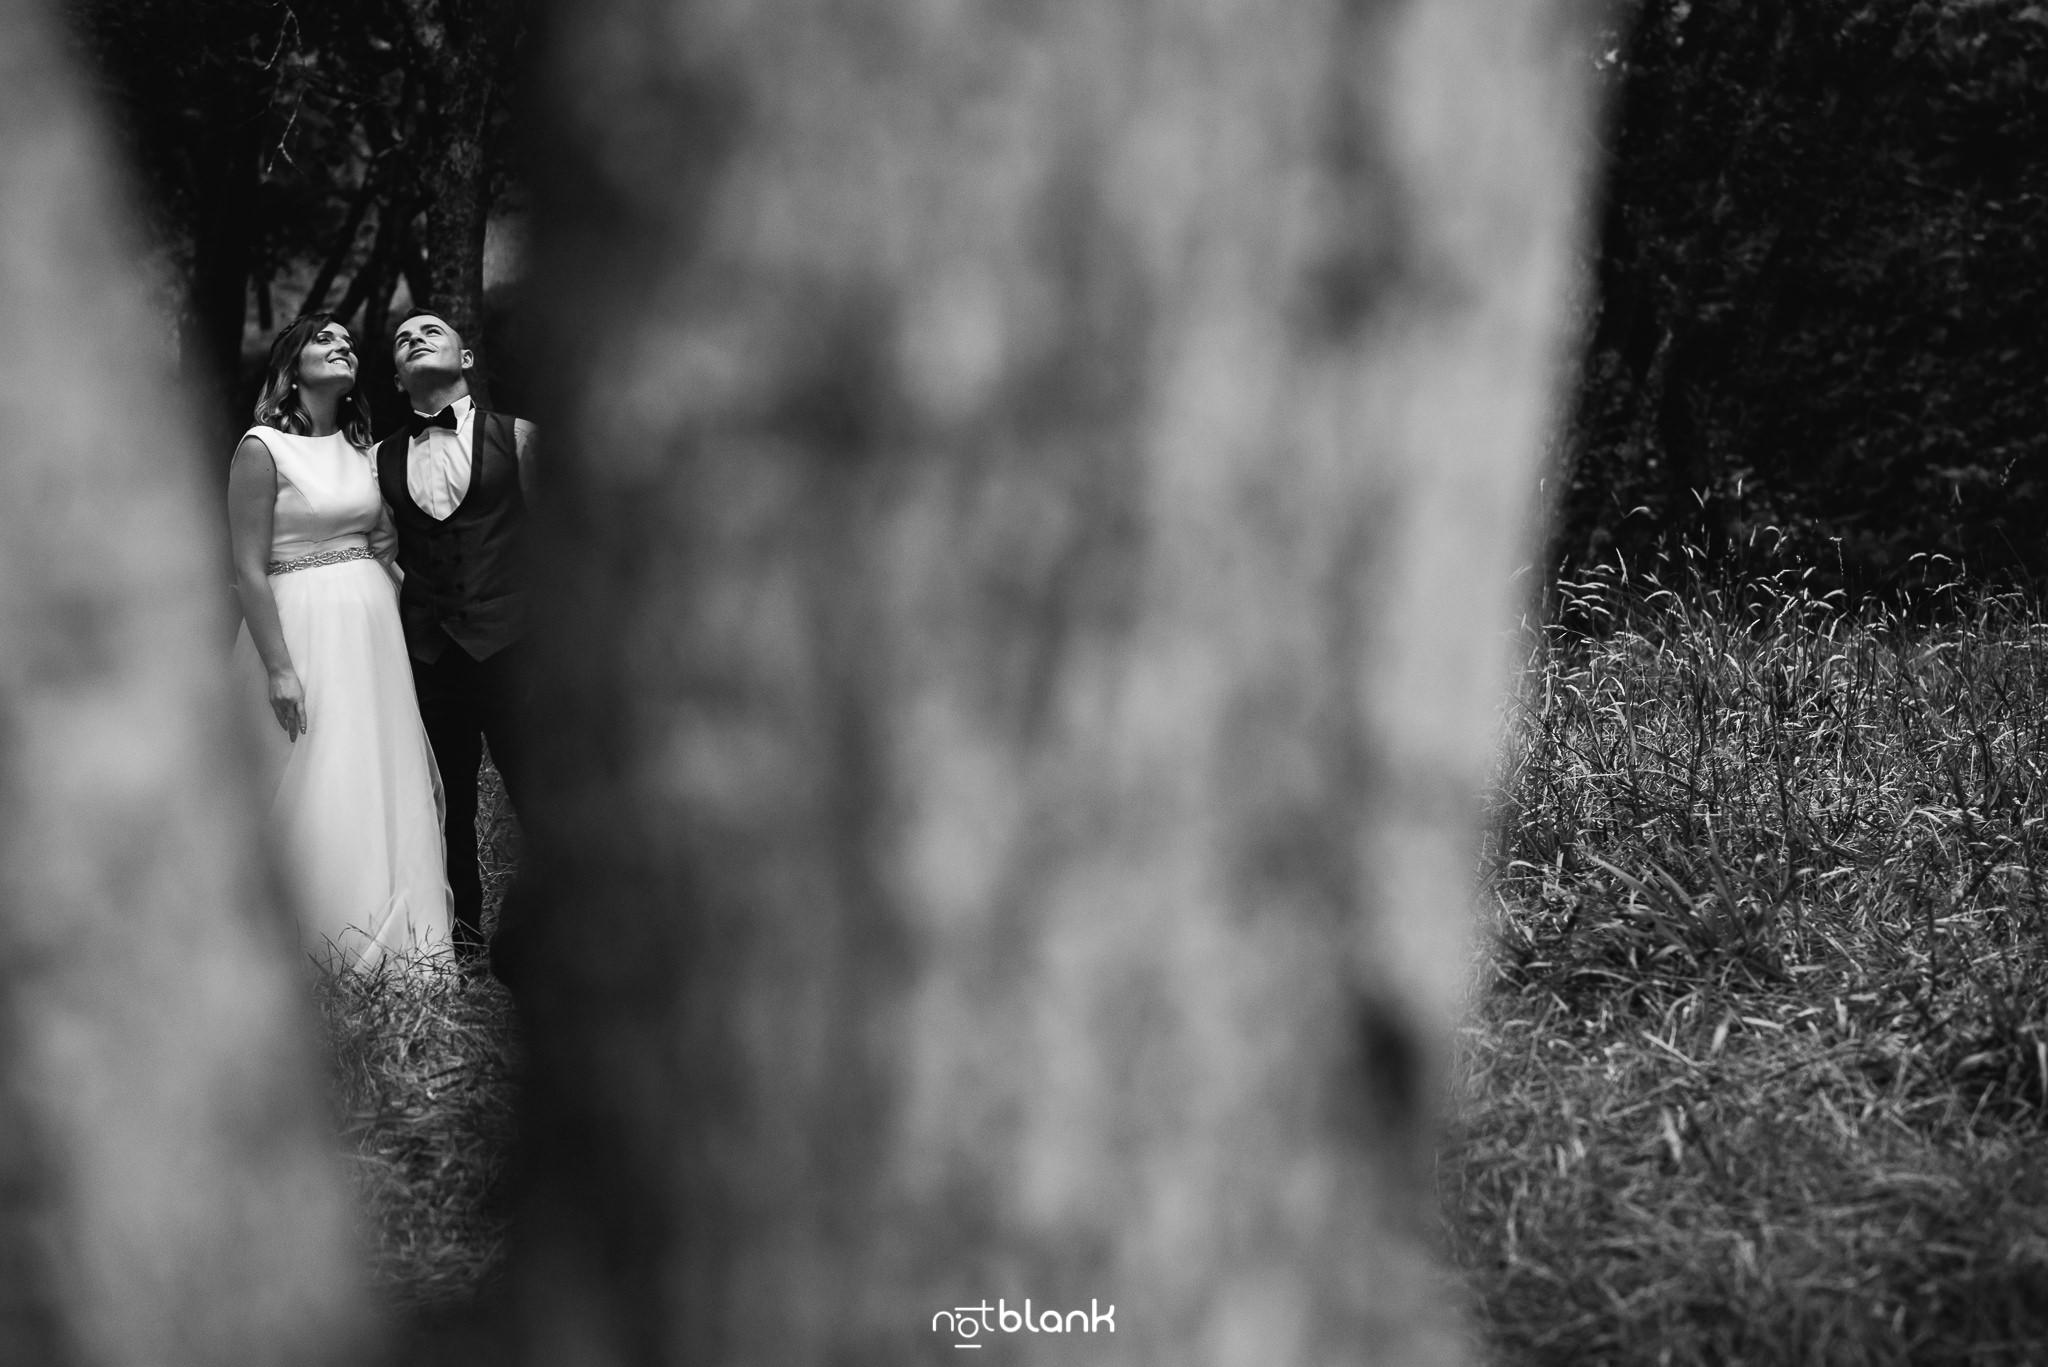 Fotos-De-Postboda-Notblank-Fotografos-De-Boda-Galicia